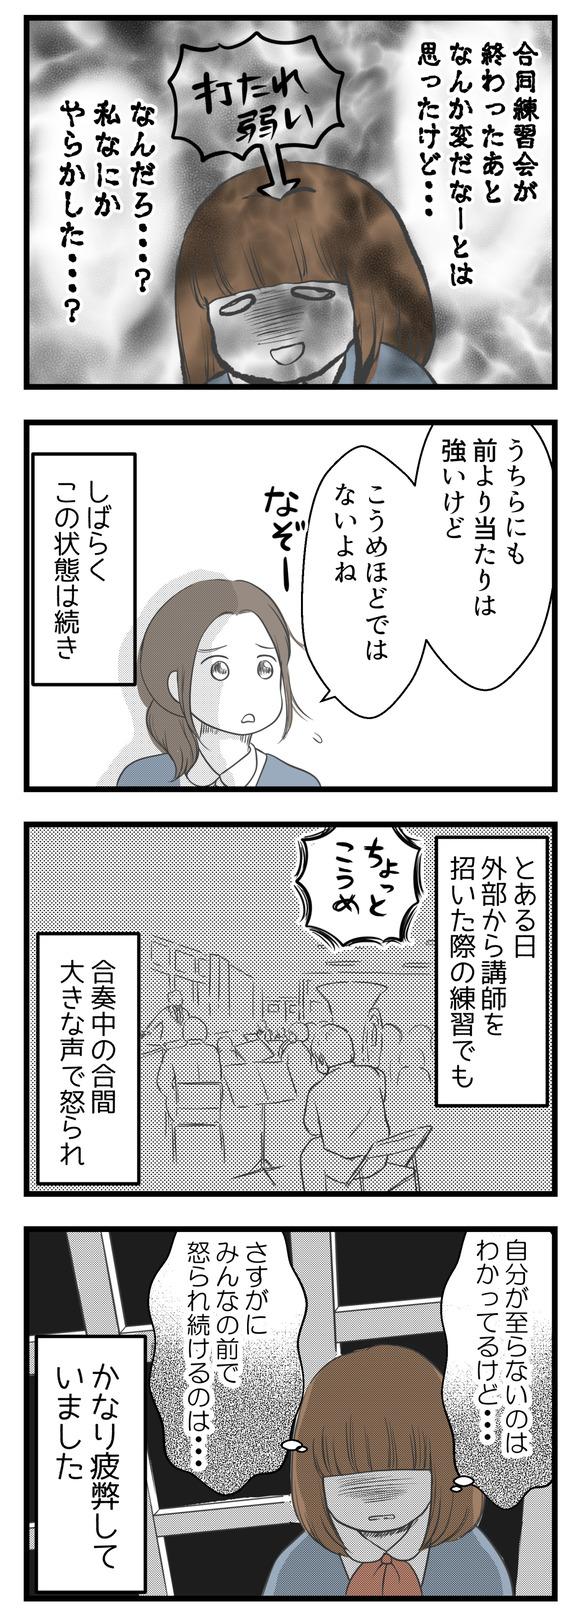 金田先輩の暴走-2-